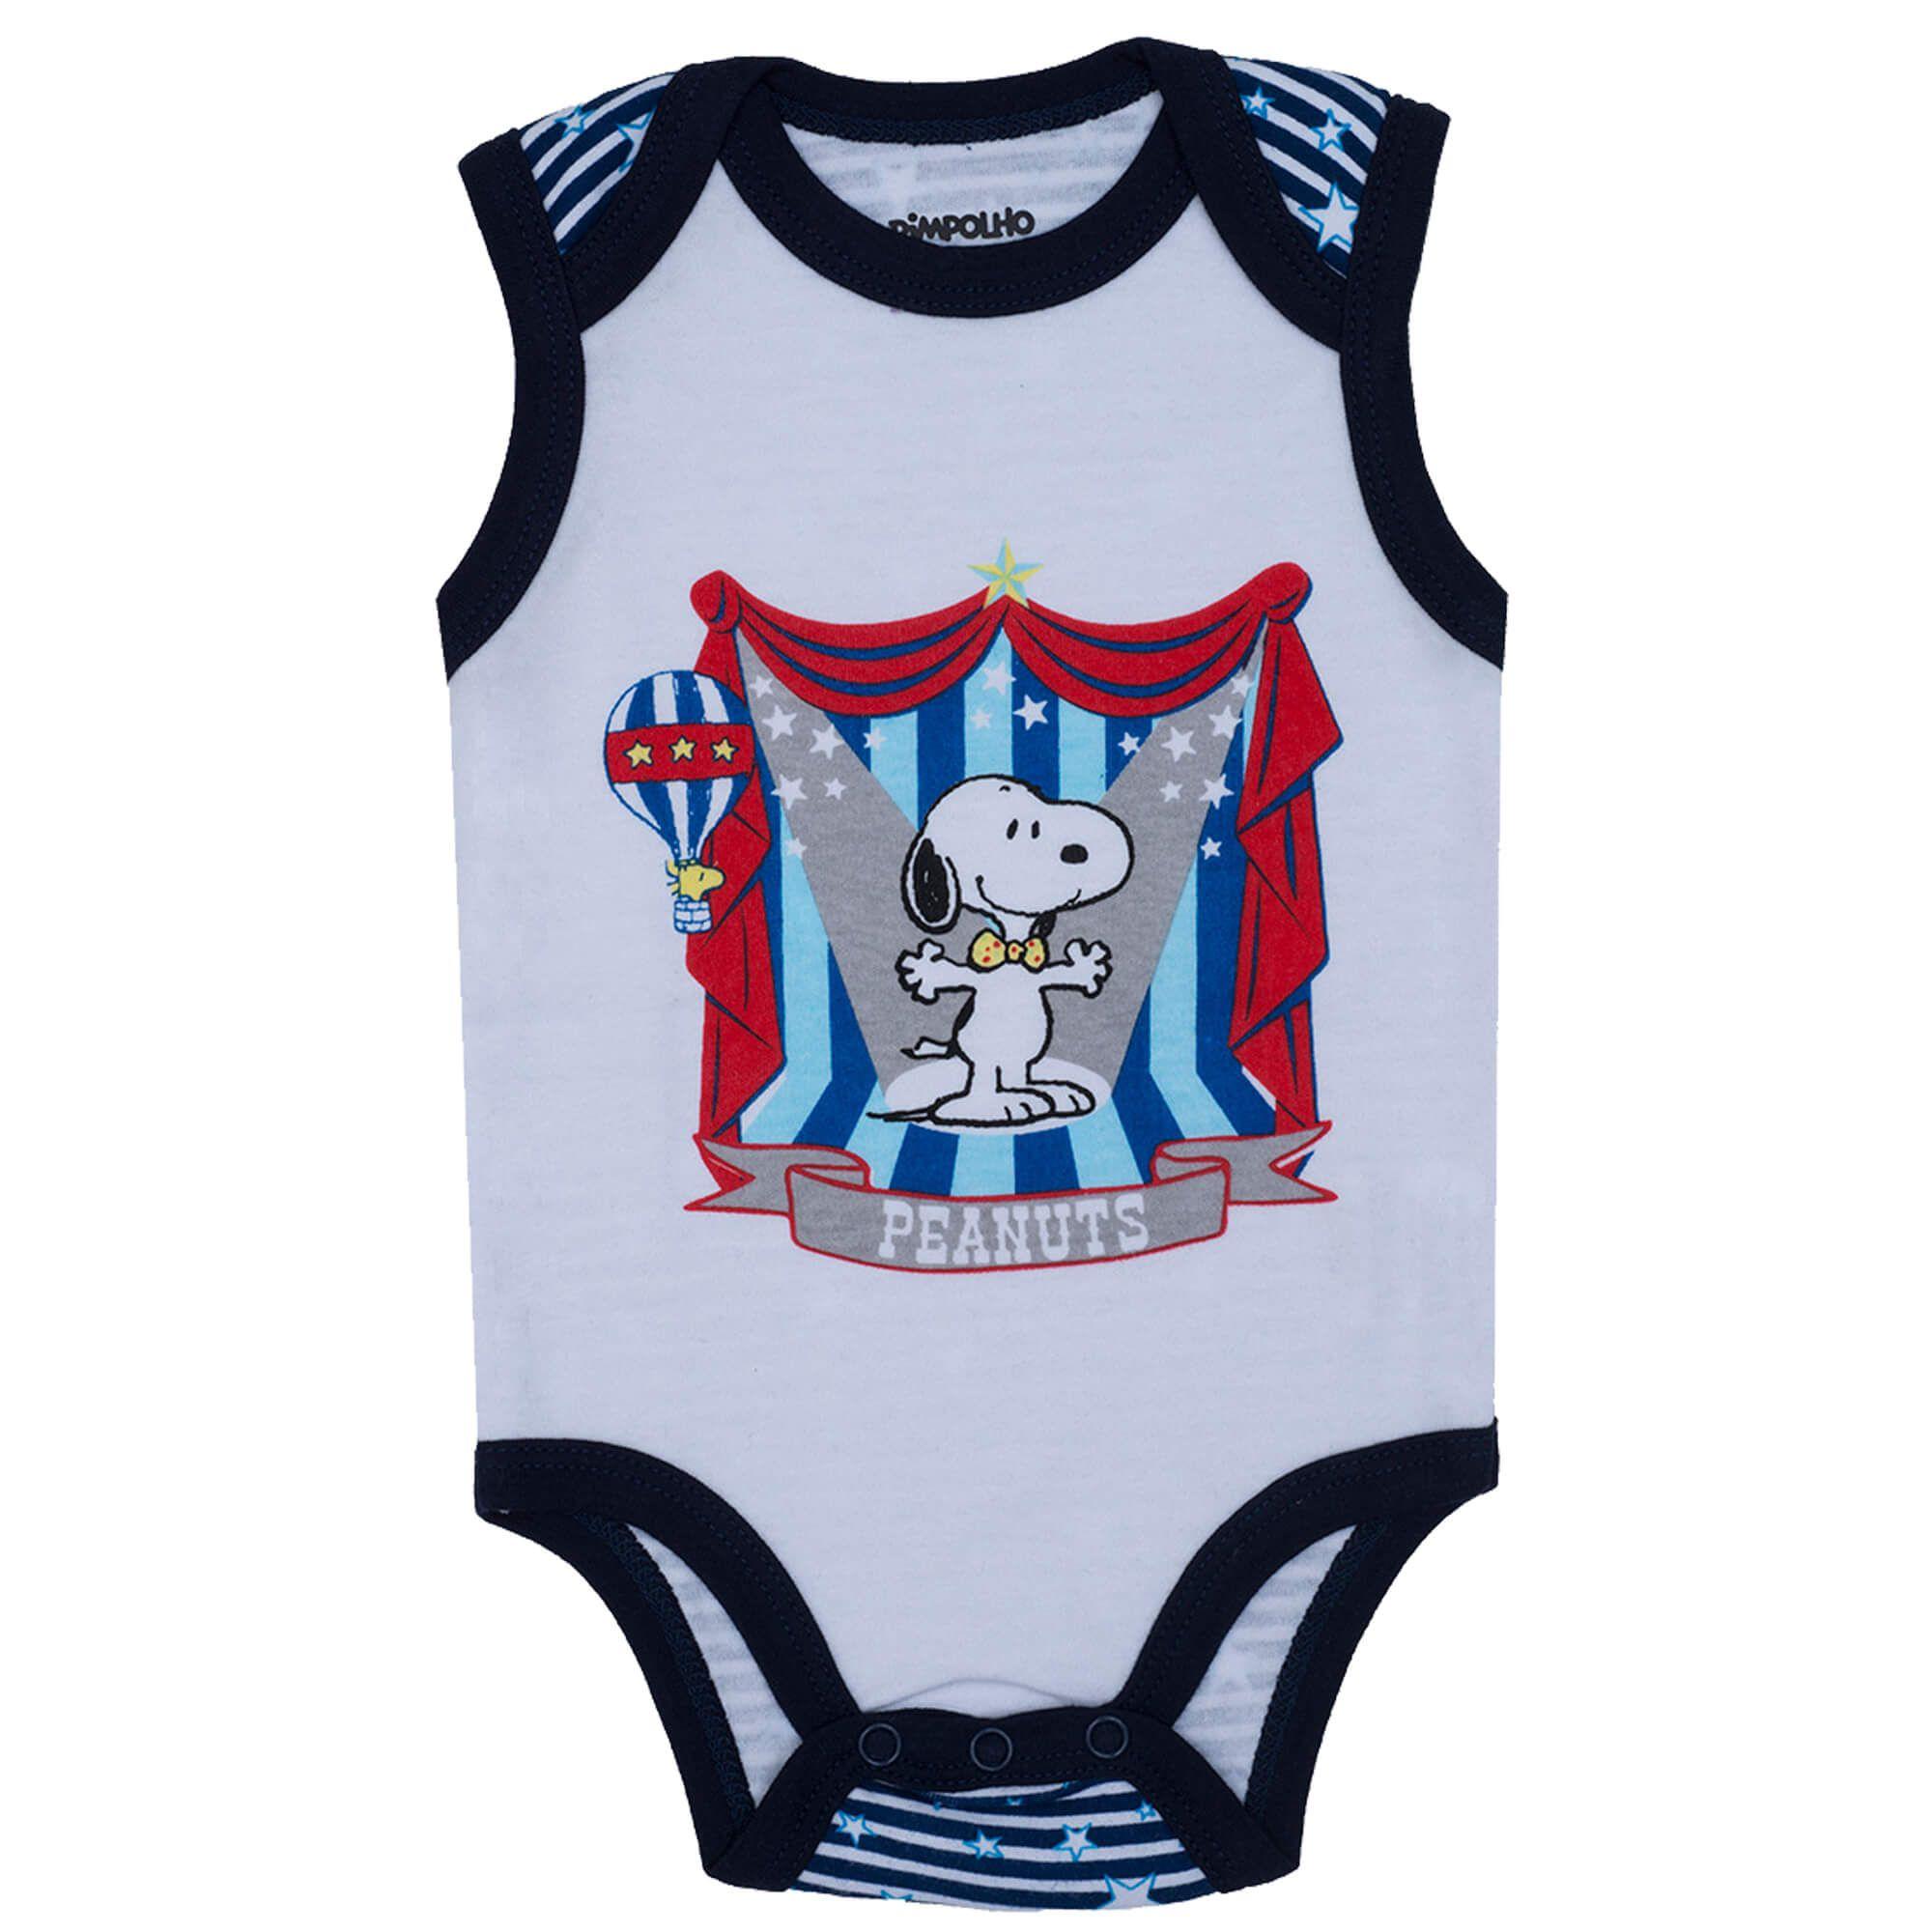 Body Regata Pimpolho Snoopy No Circo – Branco  – RN ao G